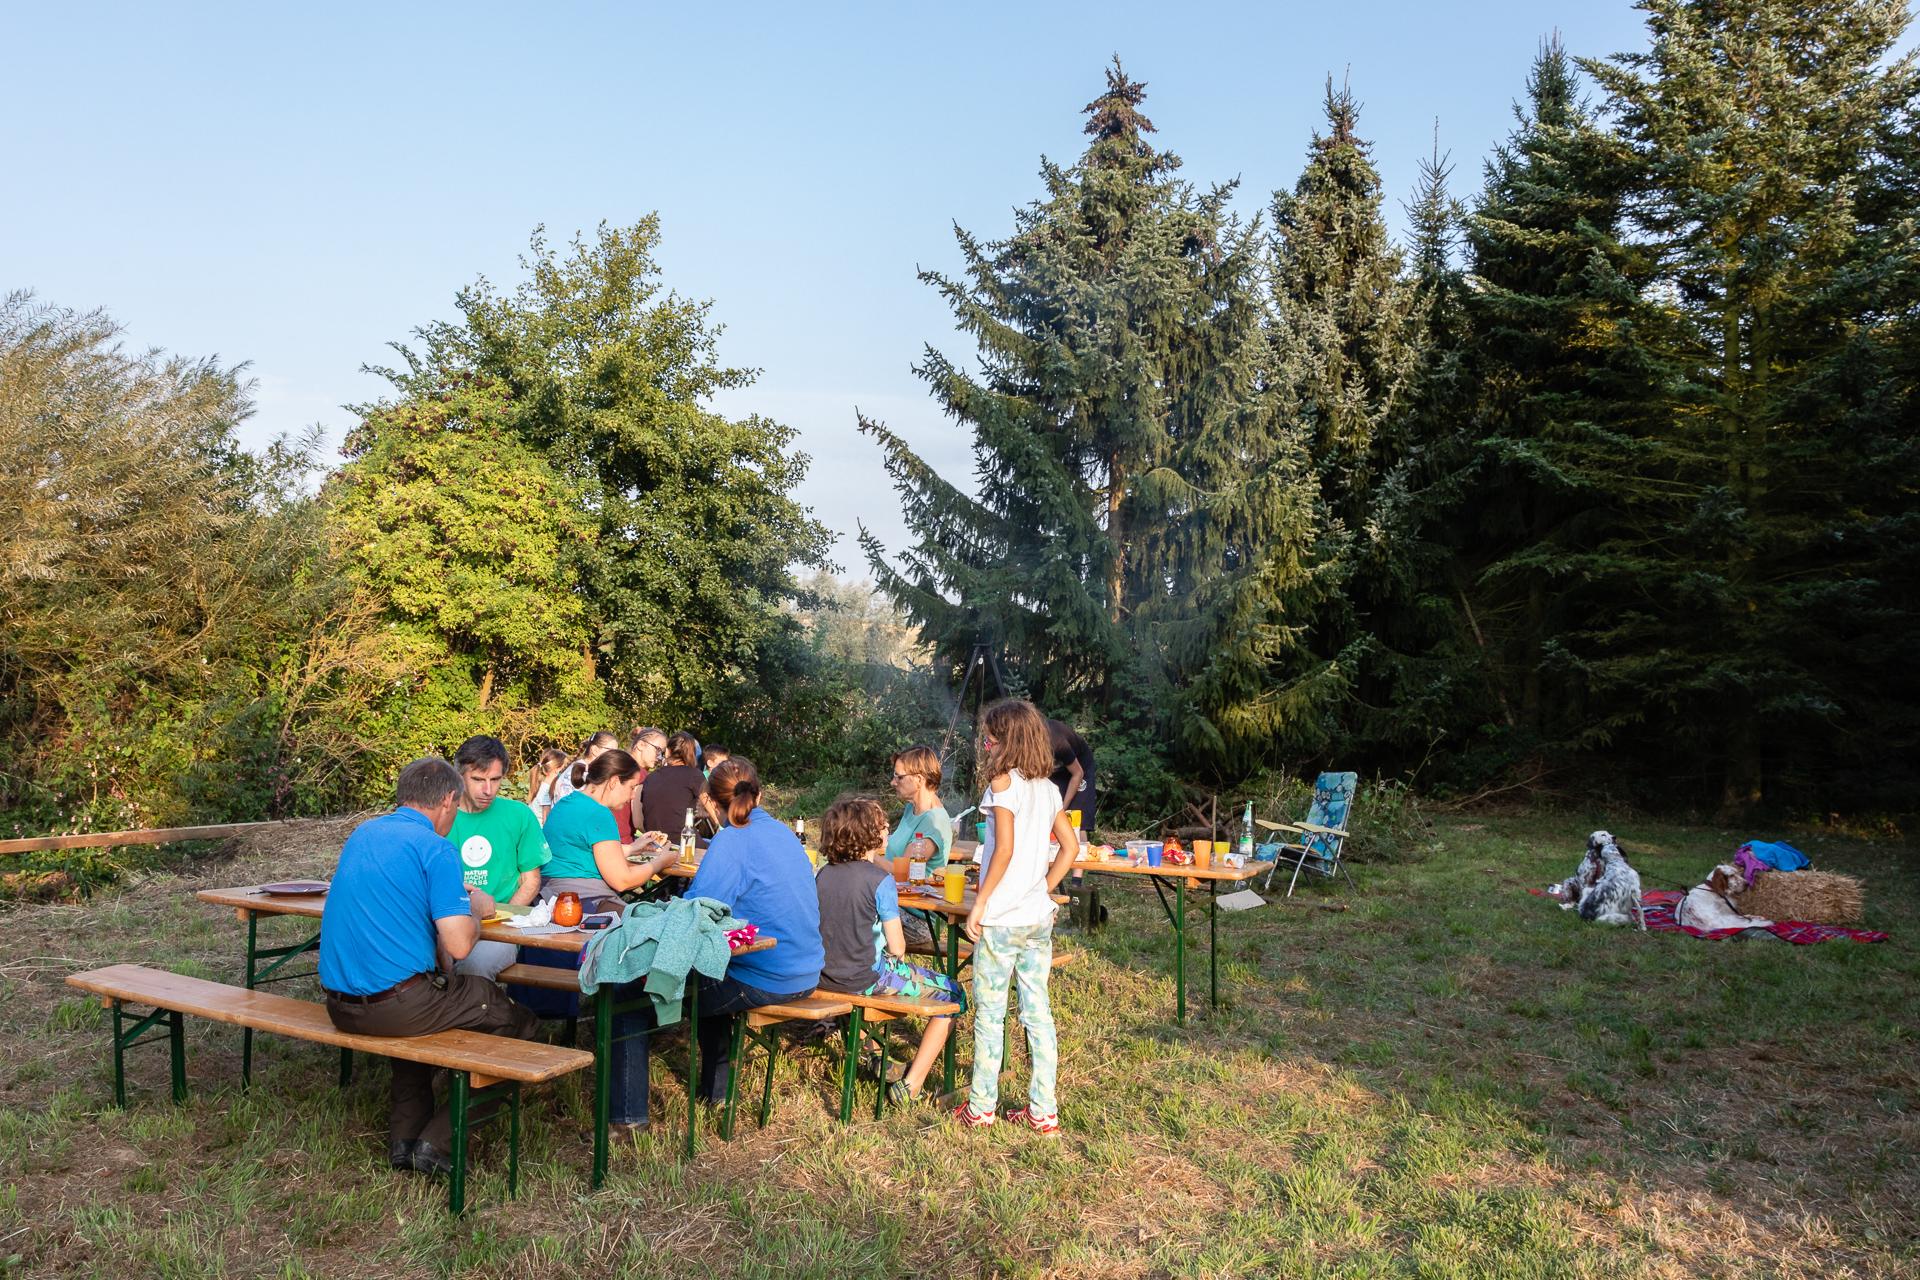 Abendessen mit gemütlichem Beisammensein (Foto: Andreas Sebald)